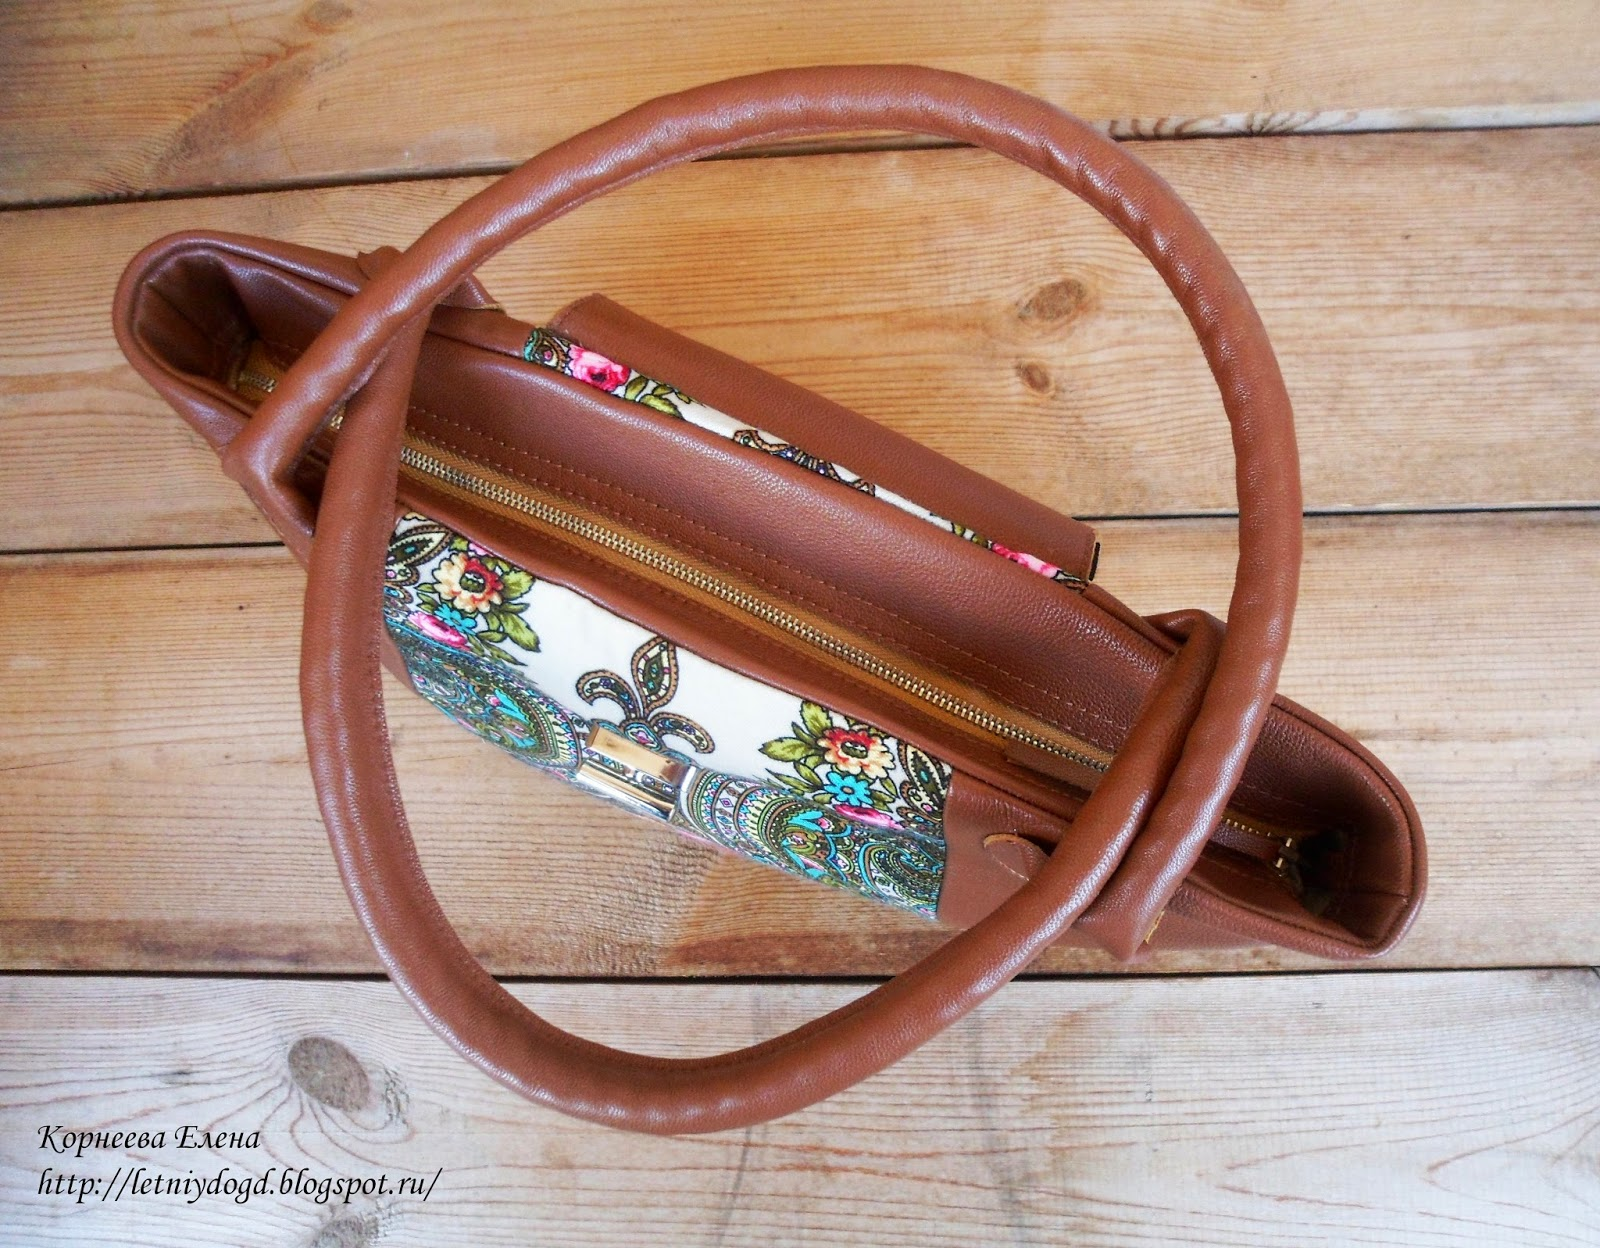 сумка из рыжей кожи с длинными ручками